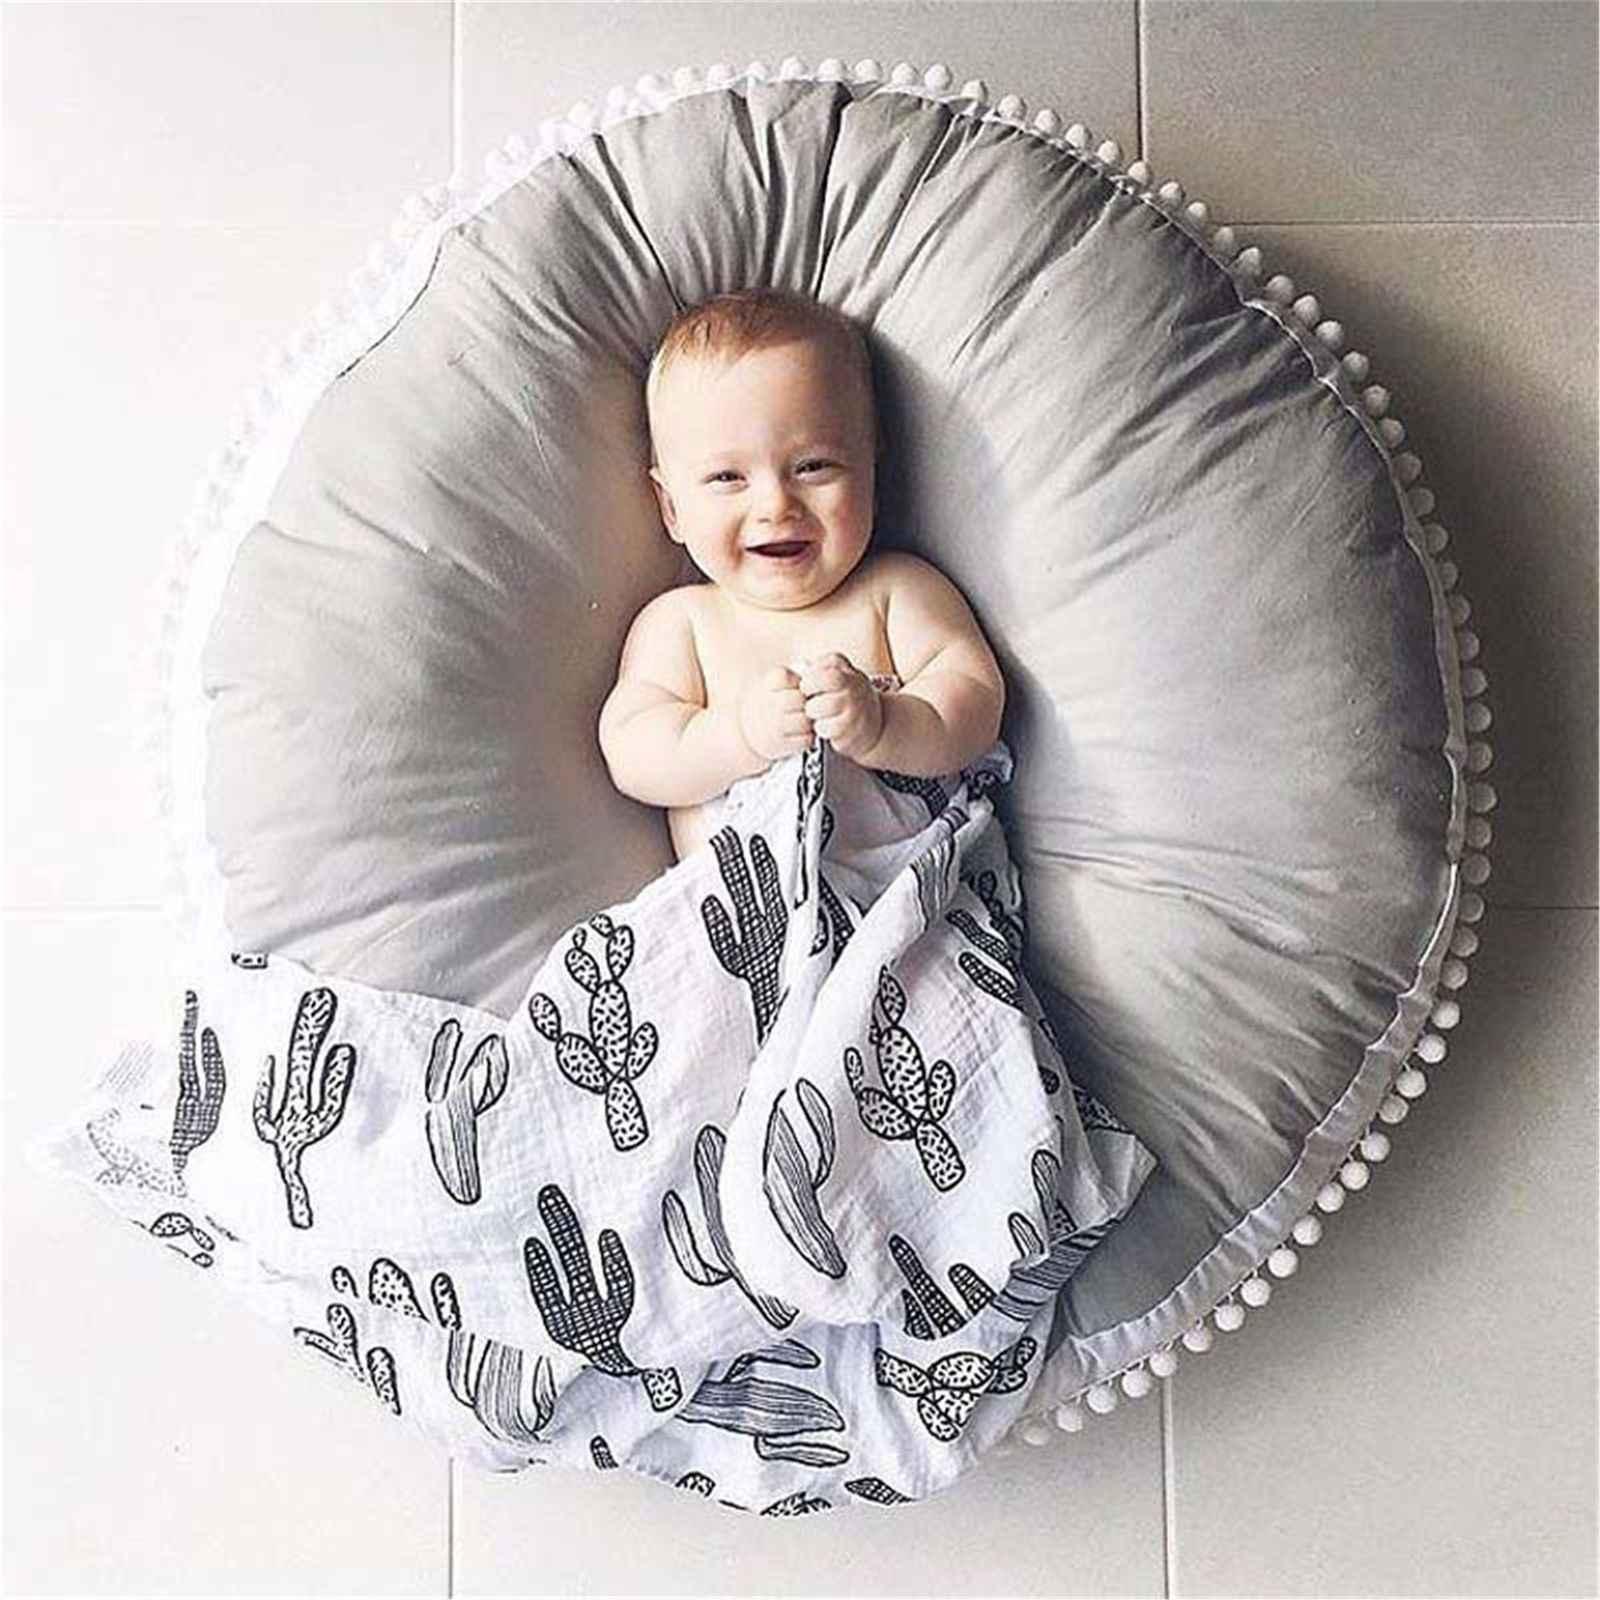 Скандинавский детский мешок для кормления, кресло для кормления, диван, кресло для ползания, коврик для новорожденных, детская кроватка, украшение для детской комнаты